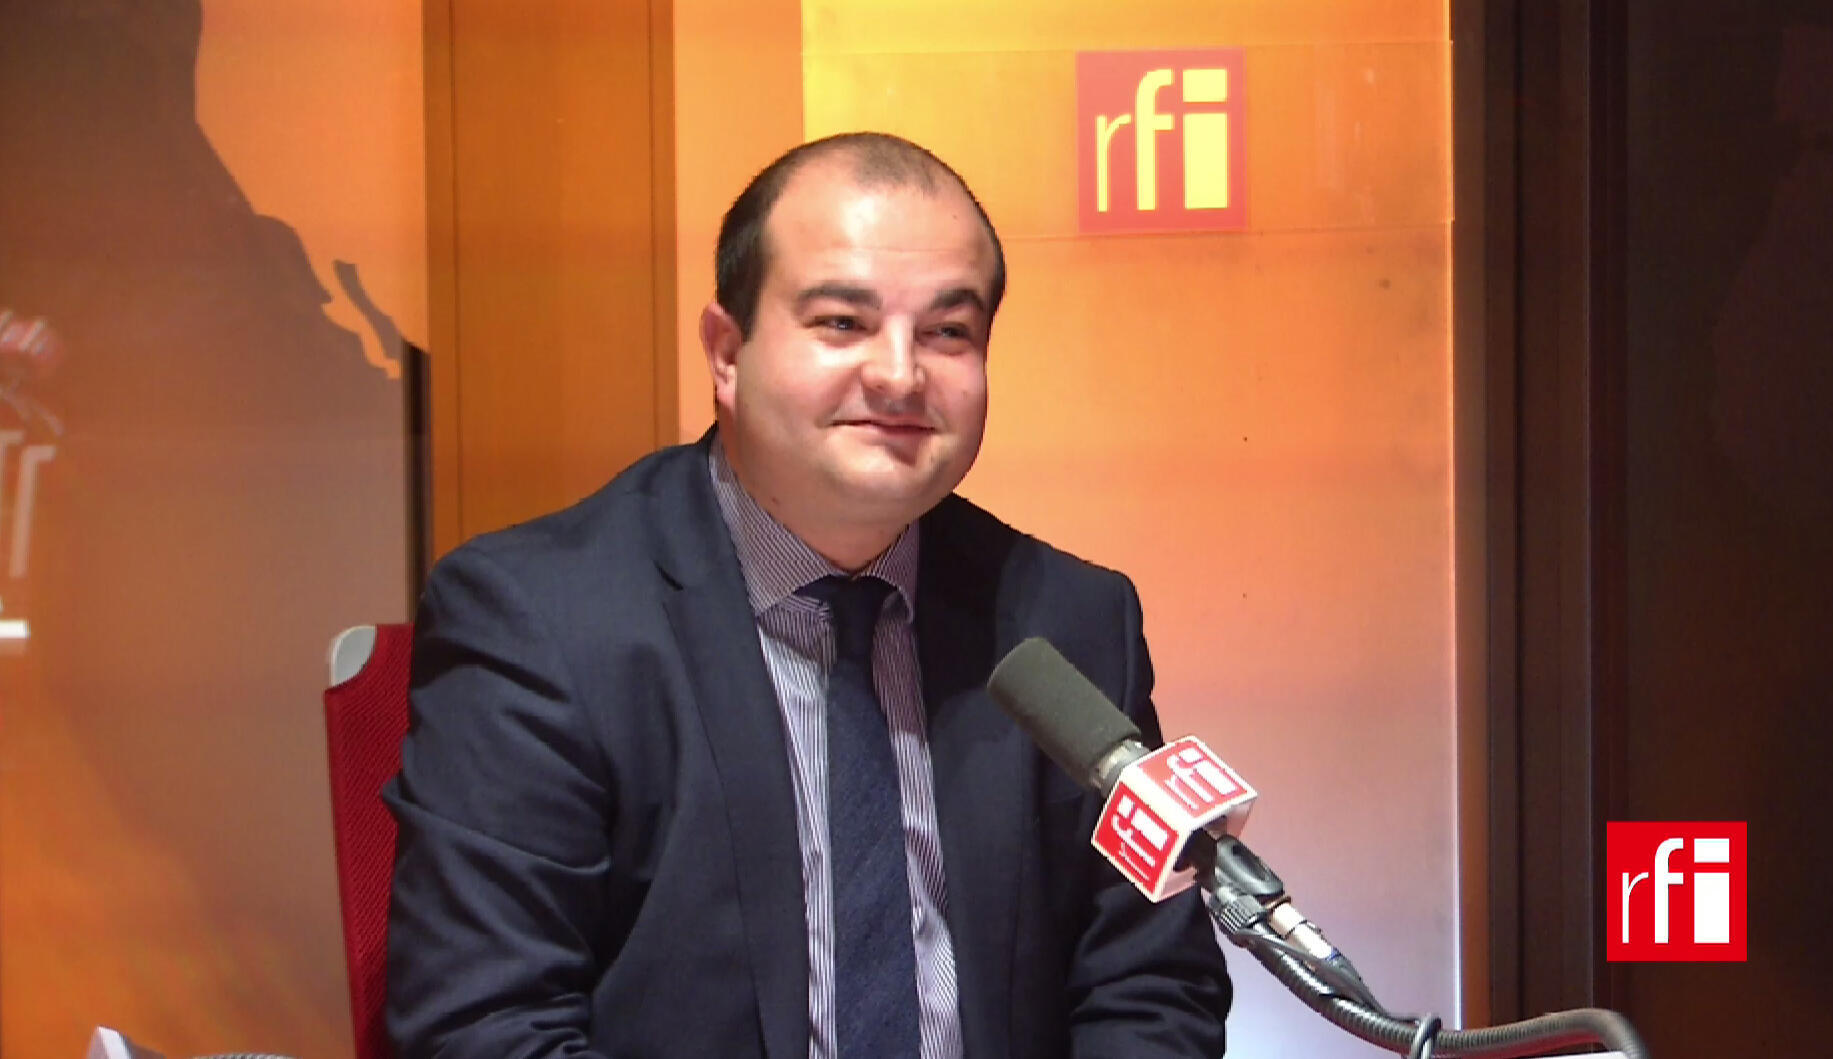 O prefeito de Fréjus, David Rachline, diretor de campanha de Marine Le Pen.